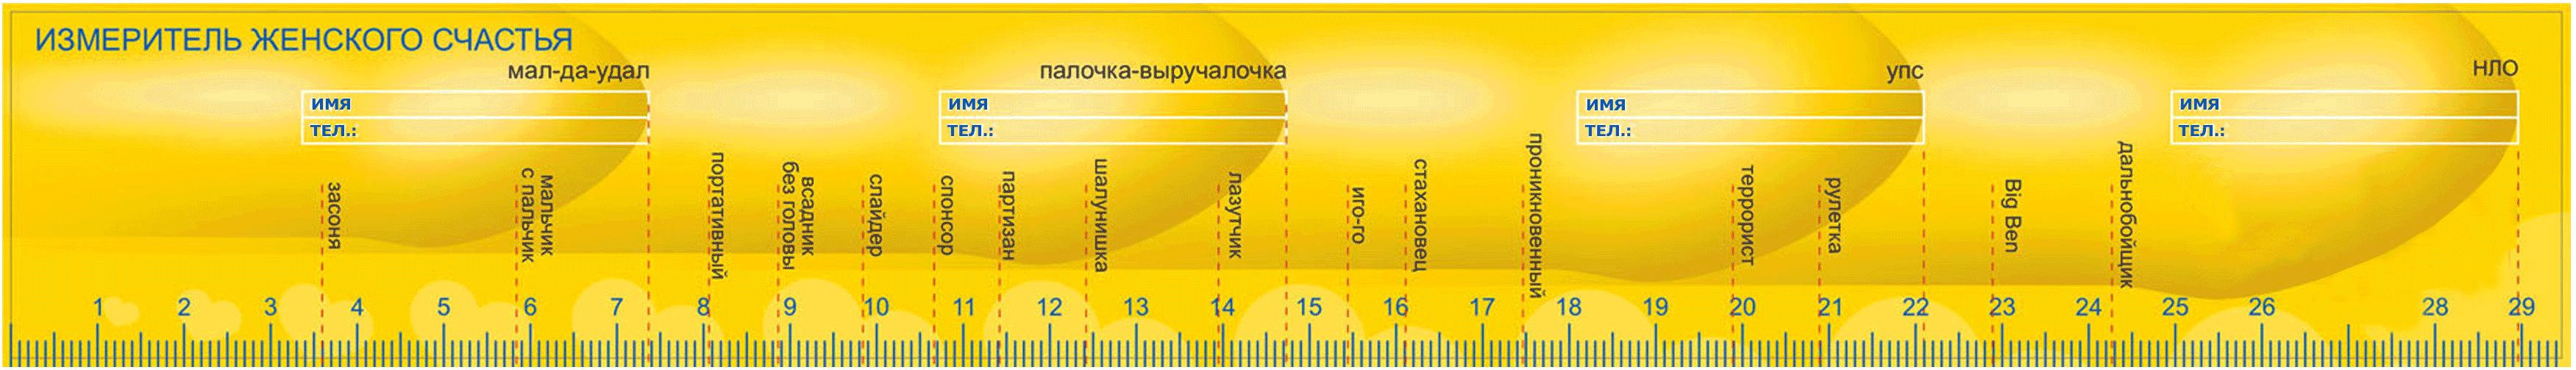 srednestatisticheskiy-razmer-polovogo-chlena